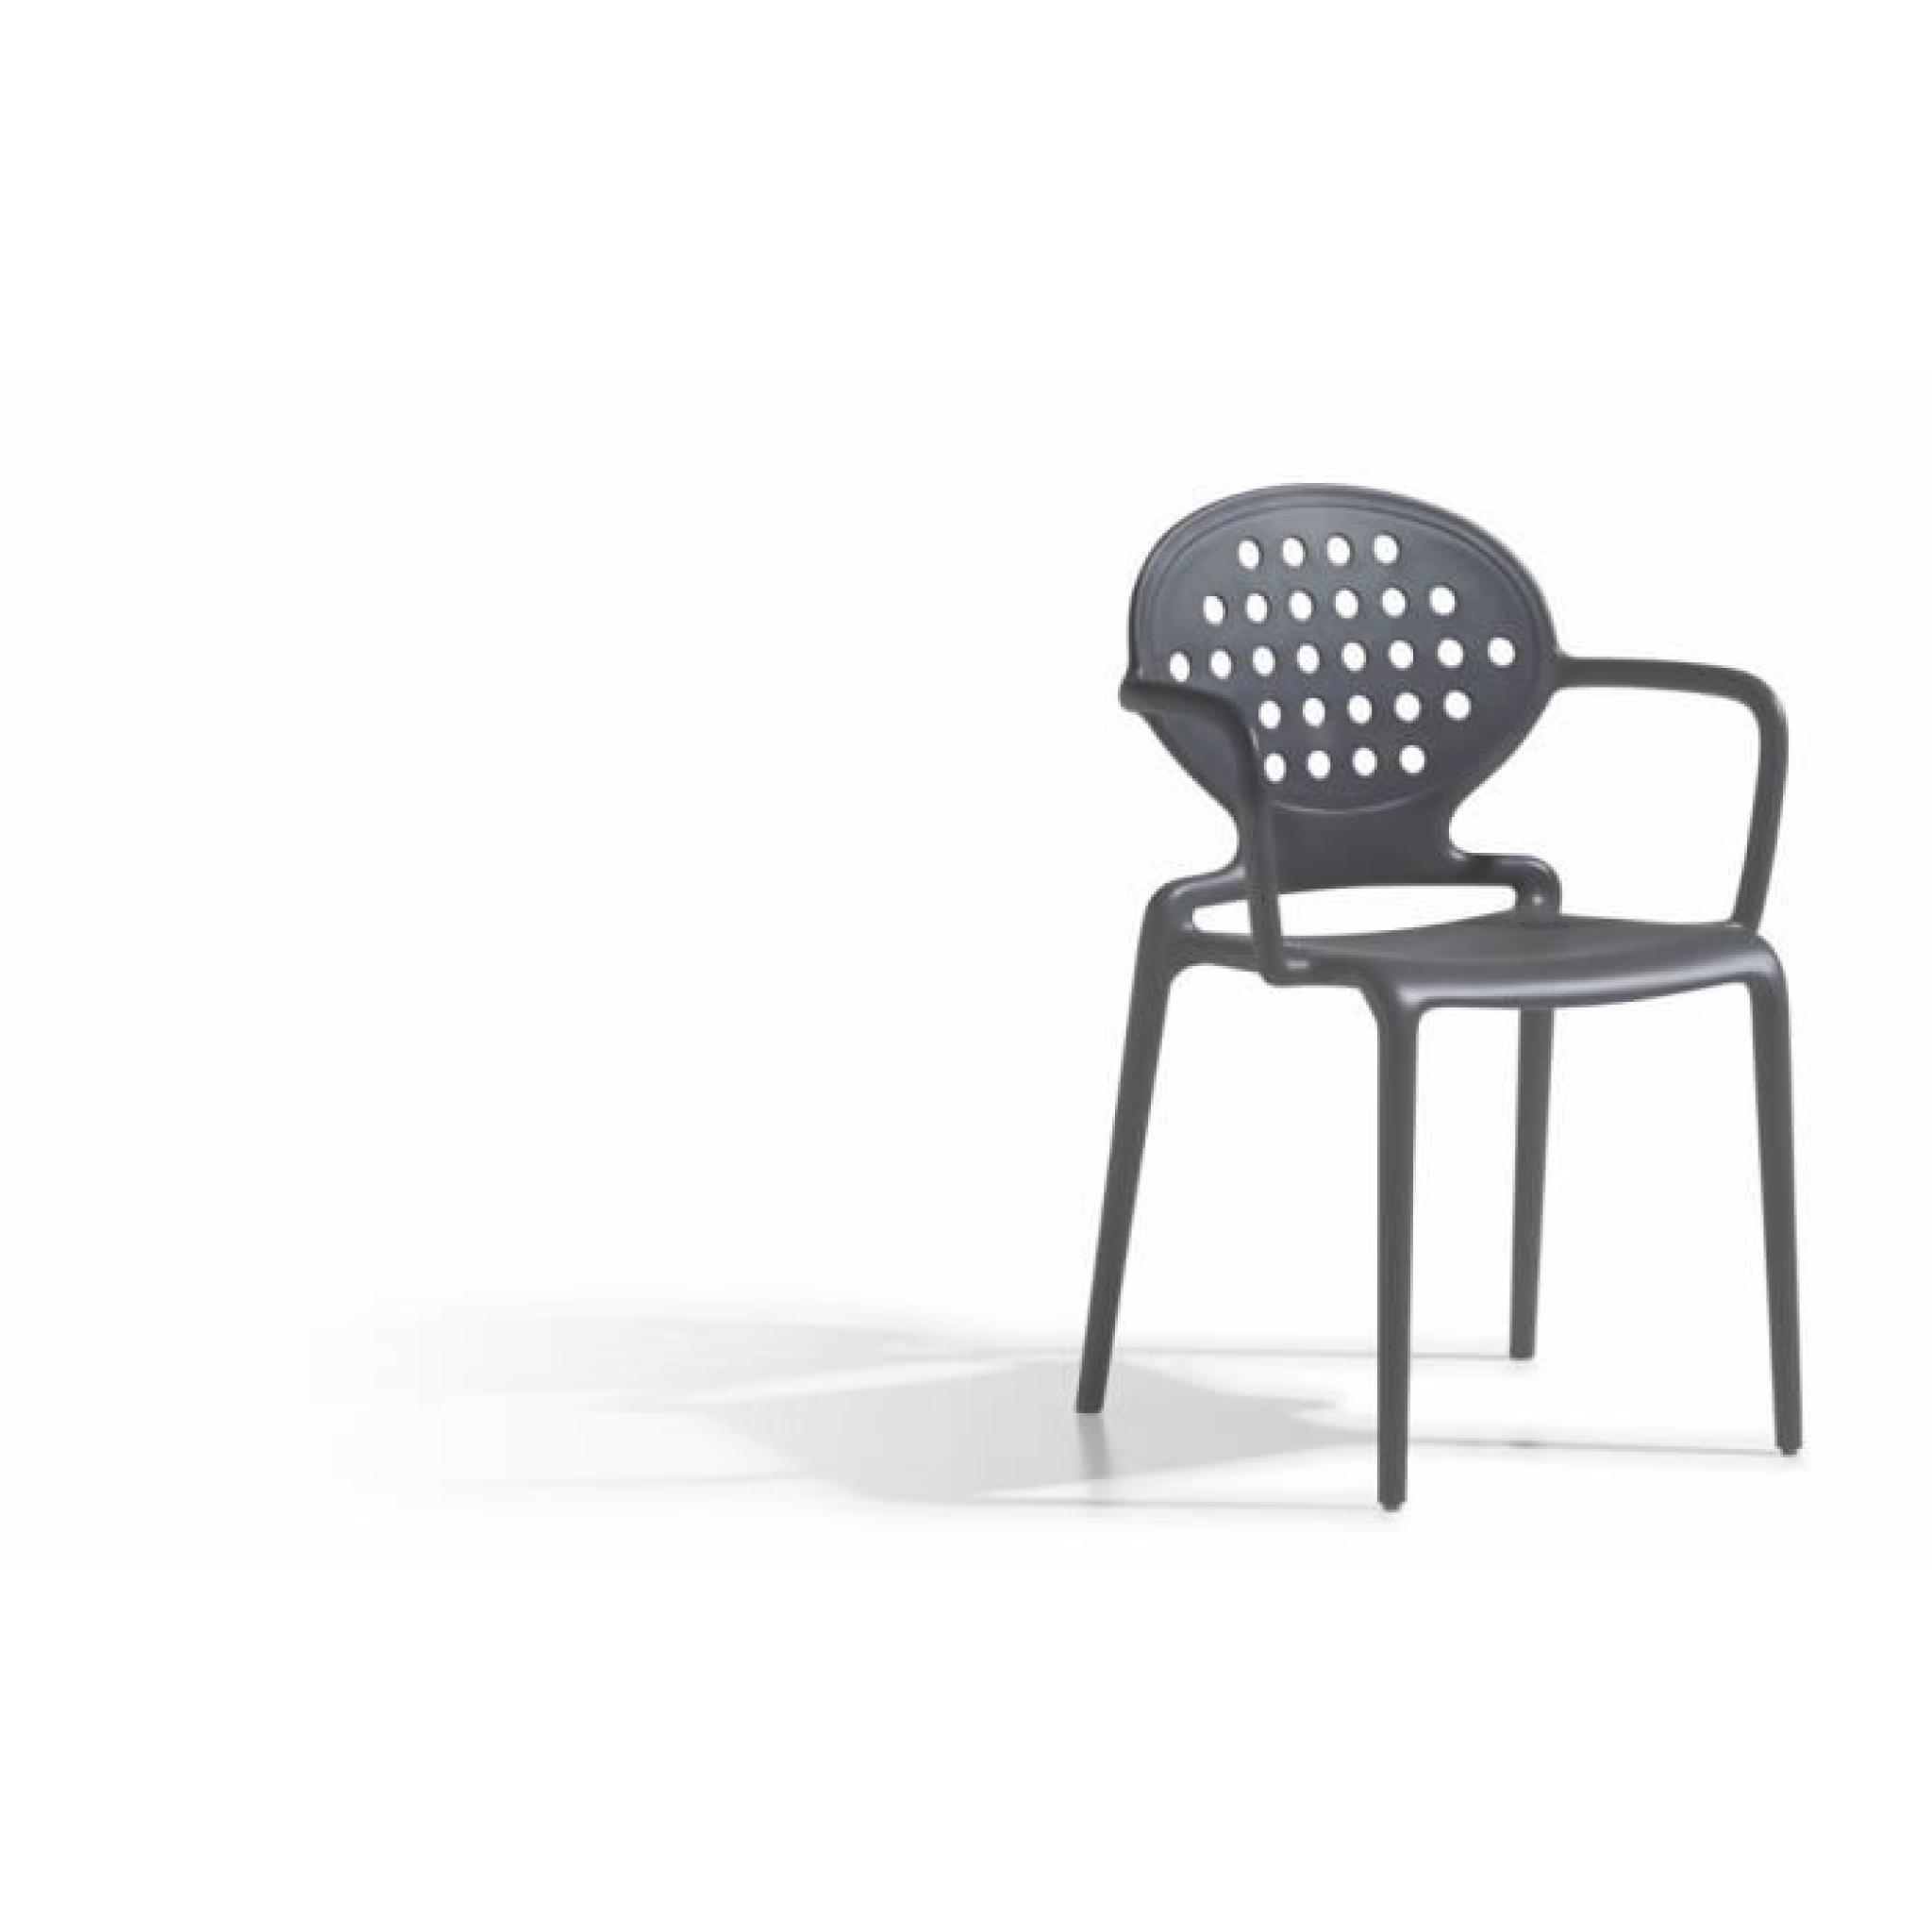 4 Chaises Design Avec Accoudoirs Colette Armrests Lot De Exterieur Et Interieur